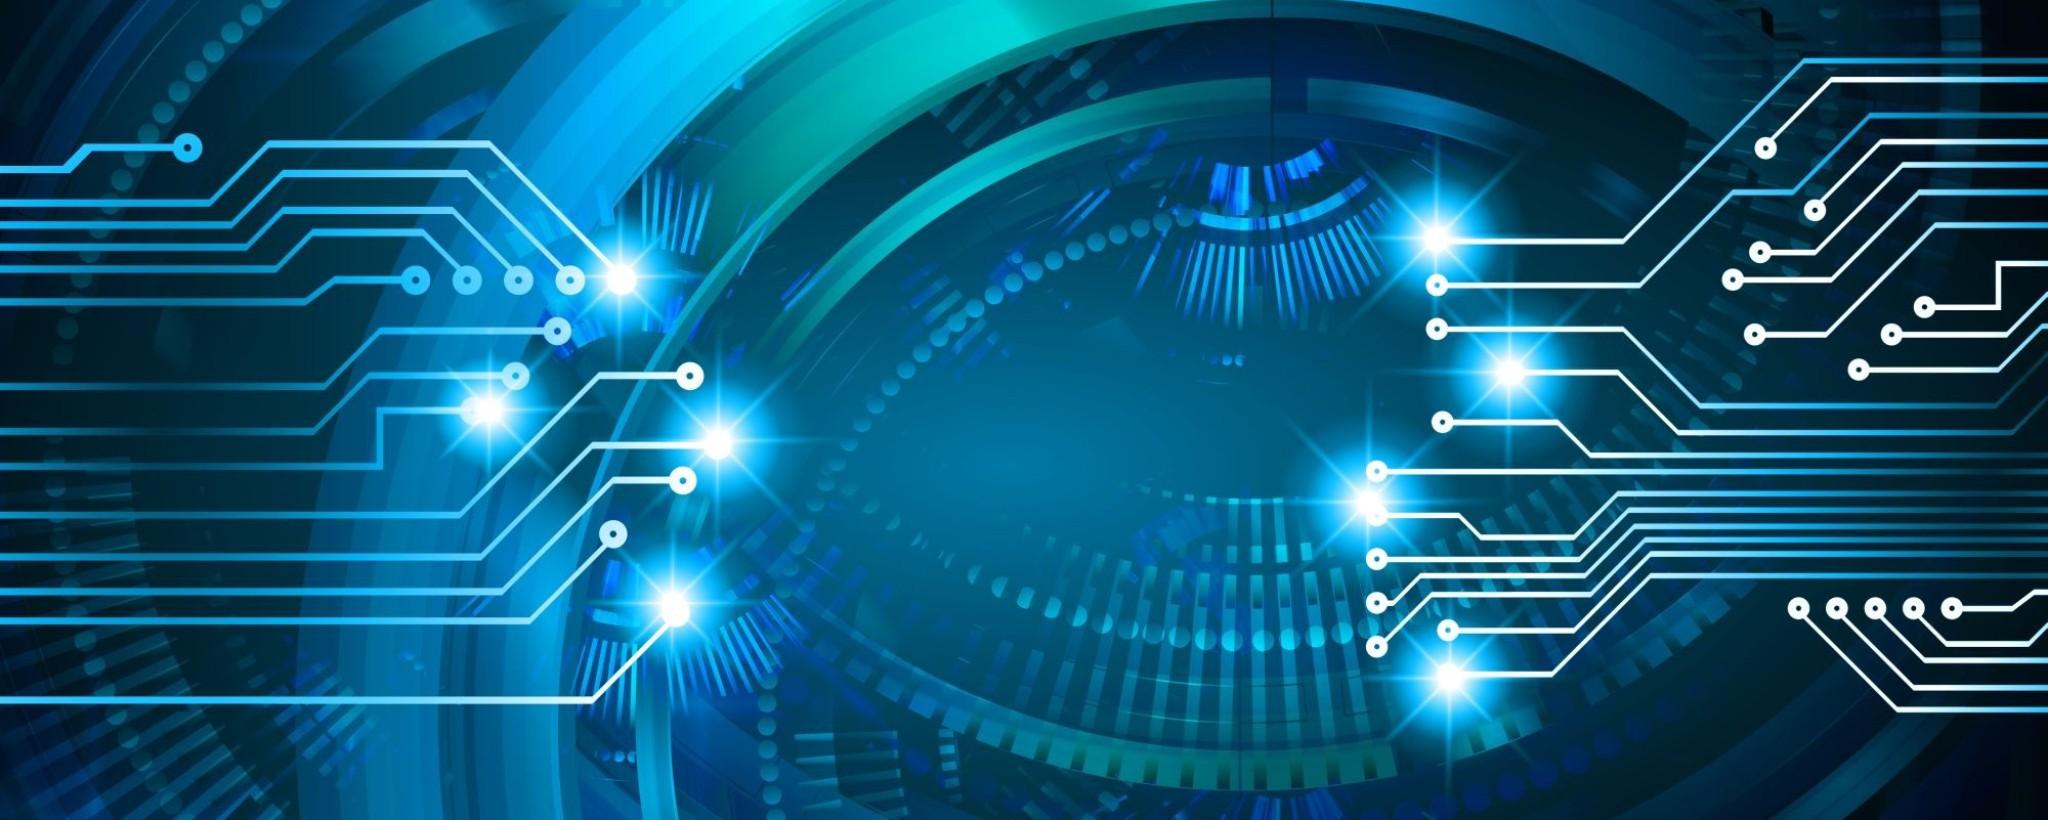 Technology Management Image: ZF Friedrichshafen AG